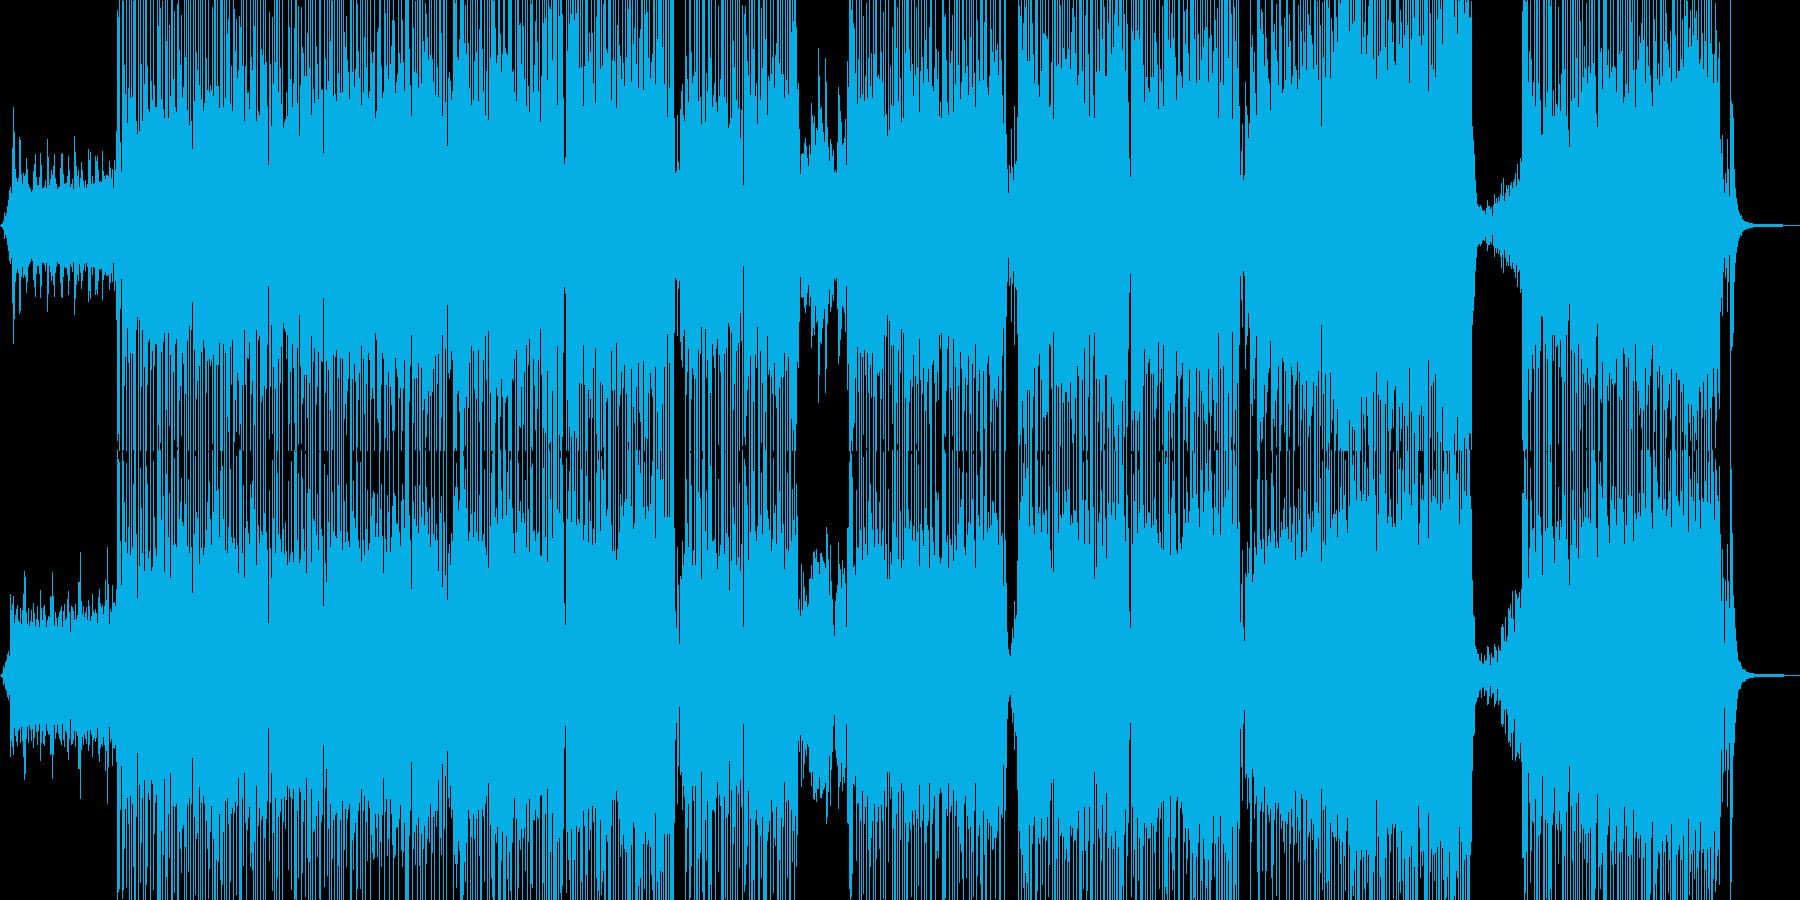 キュートなおとぎ話のようなポップスの再生済みの波形